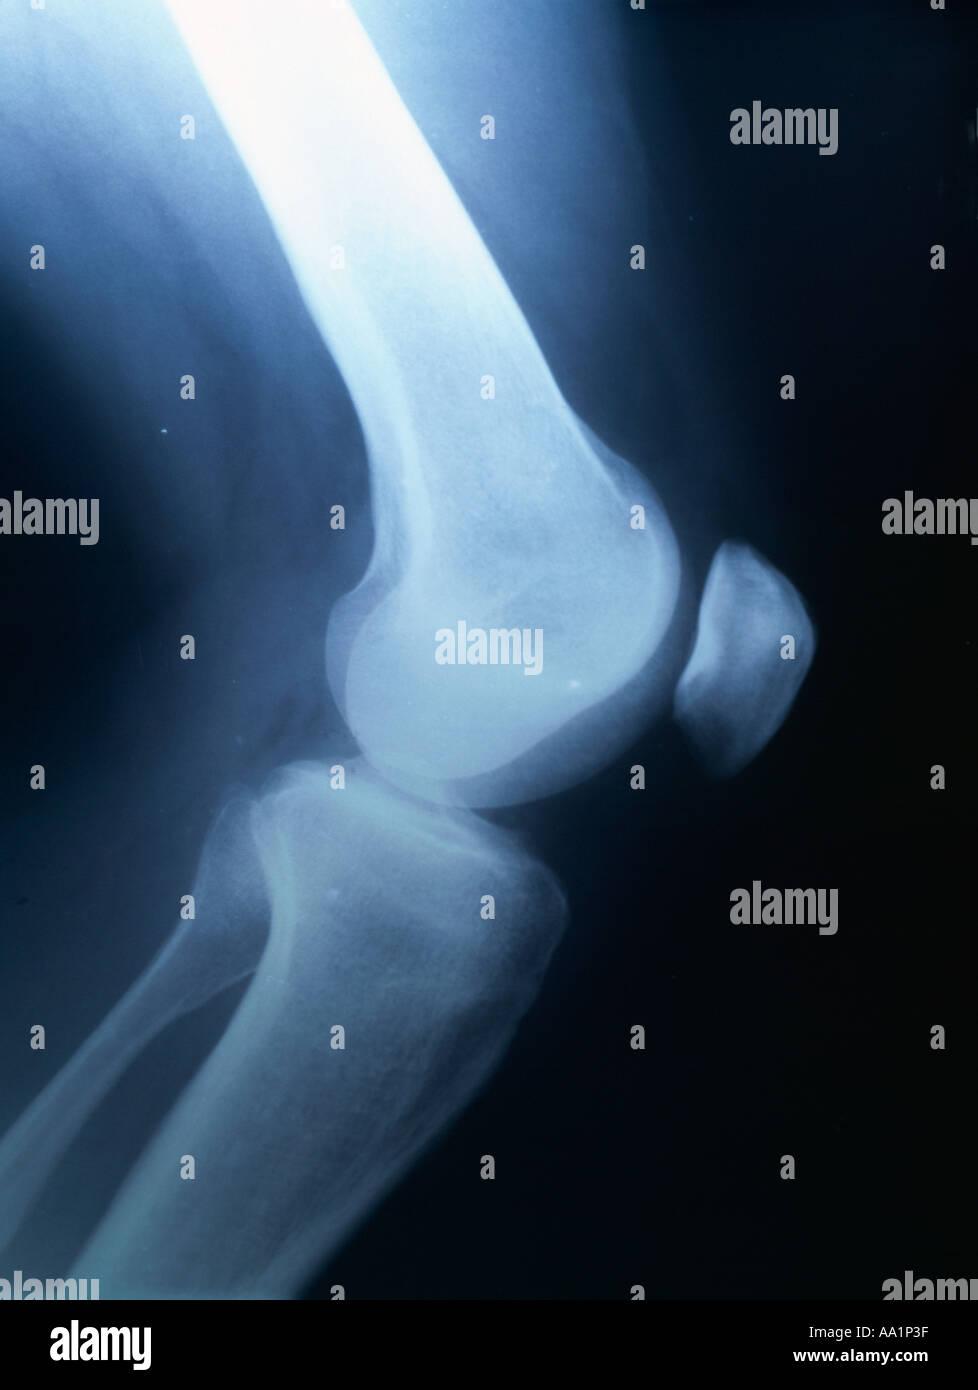 Xray Von Einem Männlichen Glied Mit Kniegelenk Kniescheibe Und